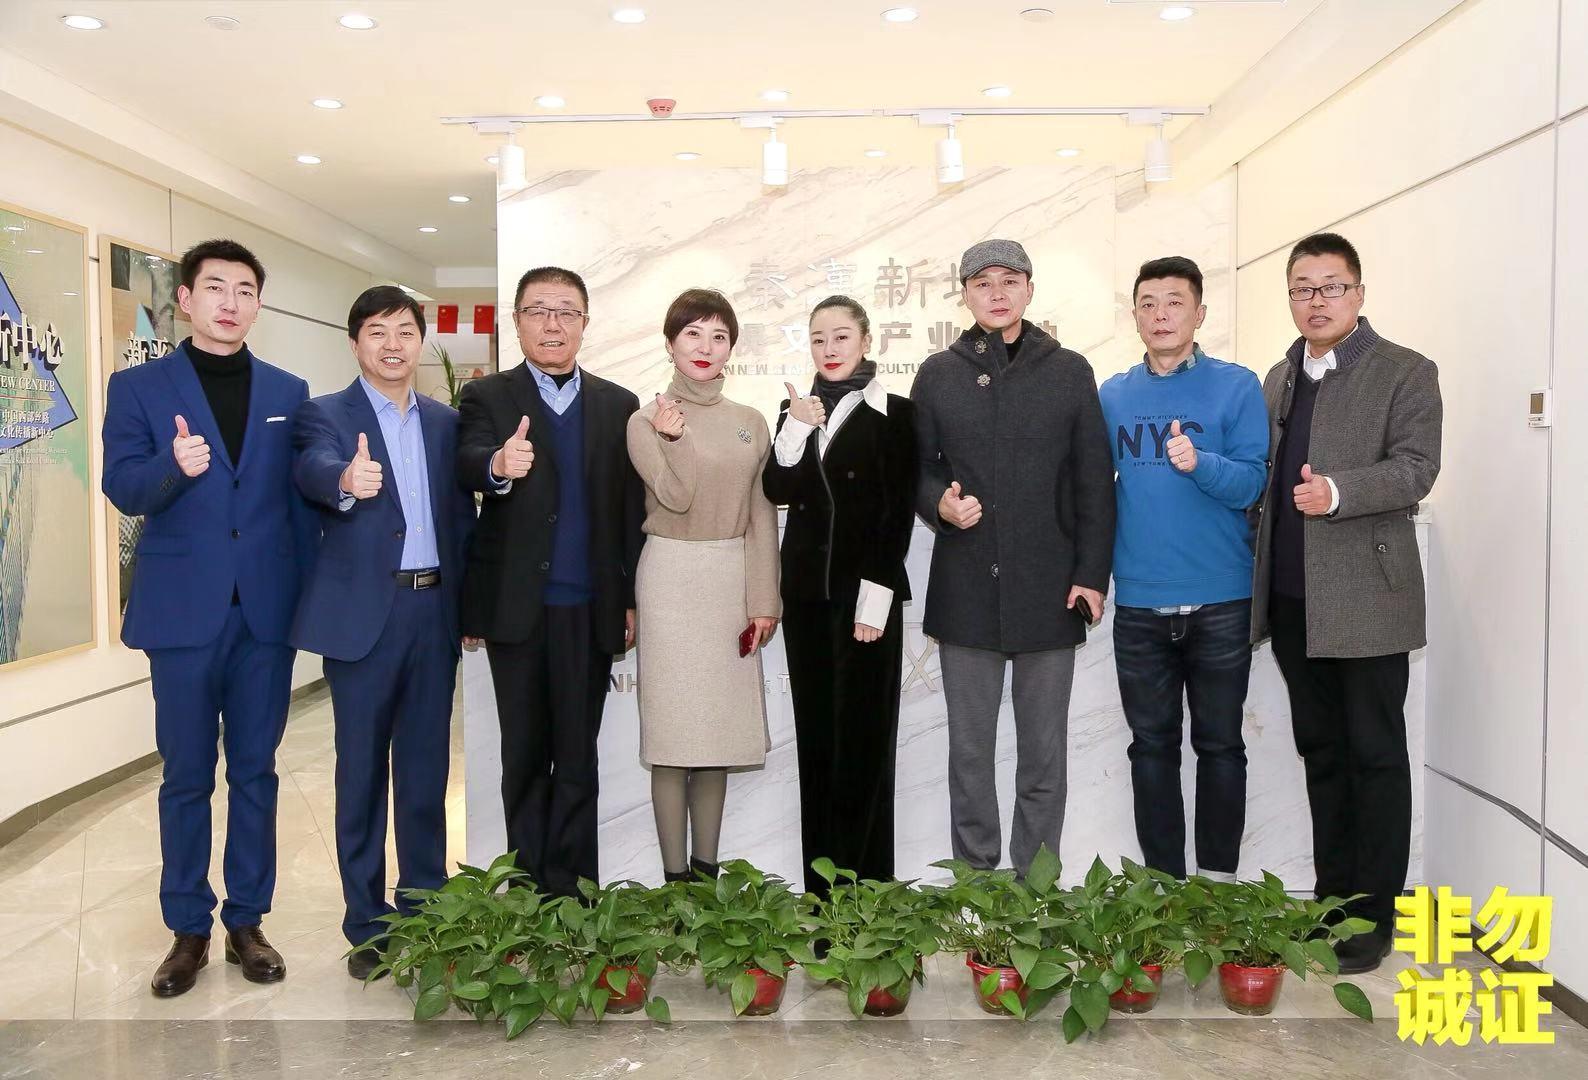 刘奕君监制组金牌团队 中国首部公证行业剧《非诚勿证》正式启动